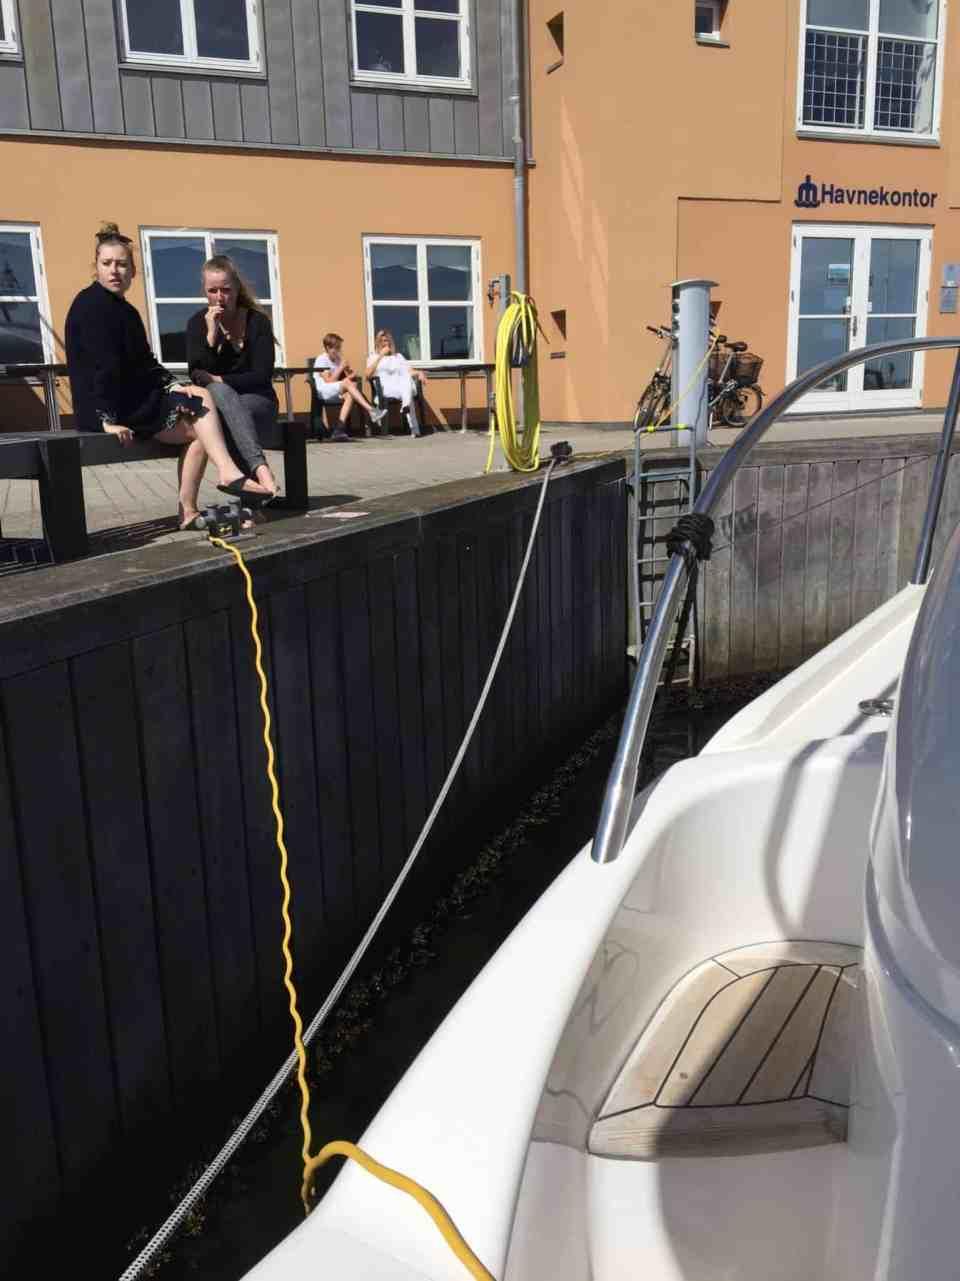 Turen gik til Marselisborg Lystbådehavn og den gik godt...